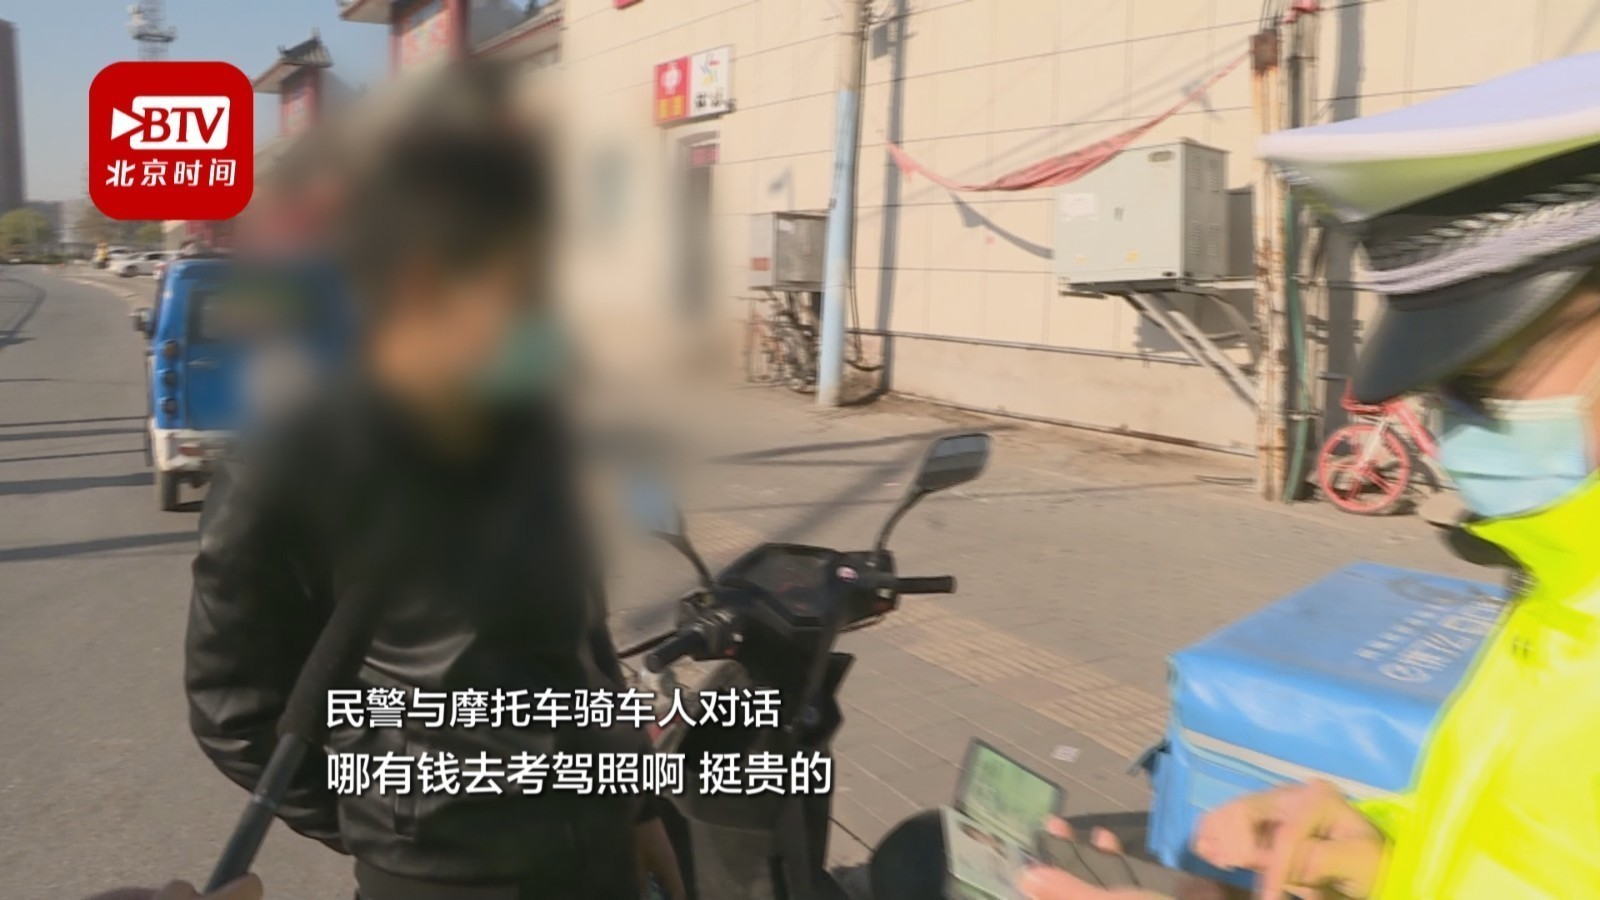 无证驾驶摩托车 男子面临拘留